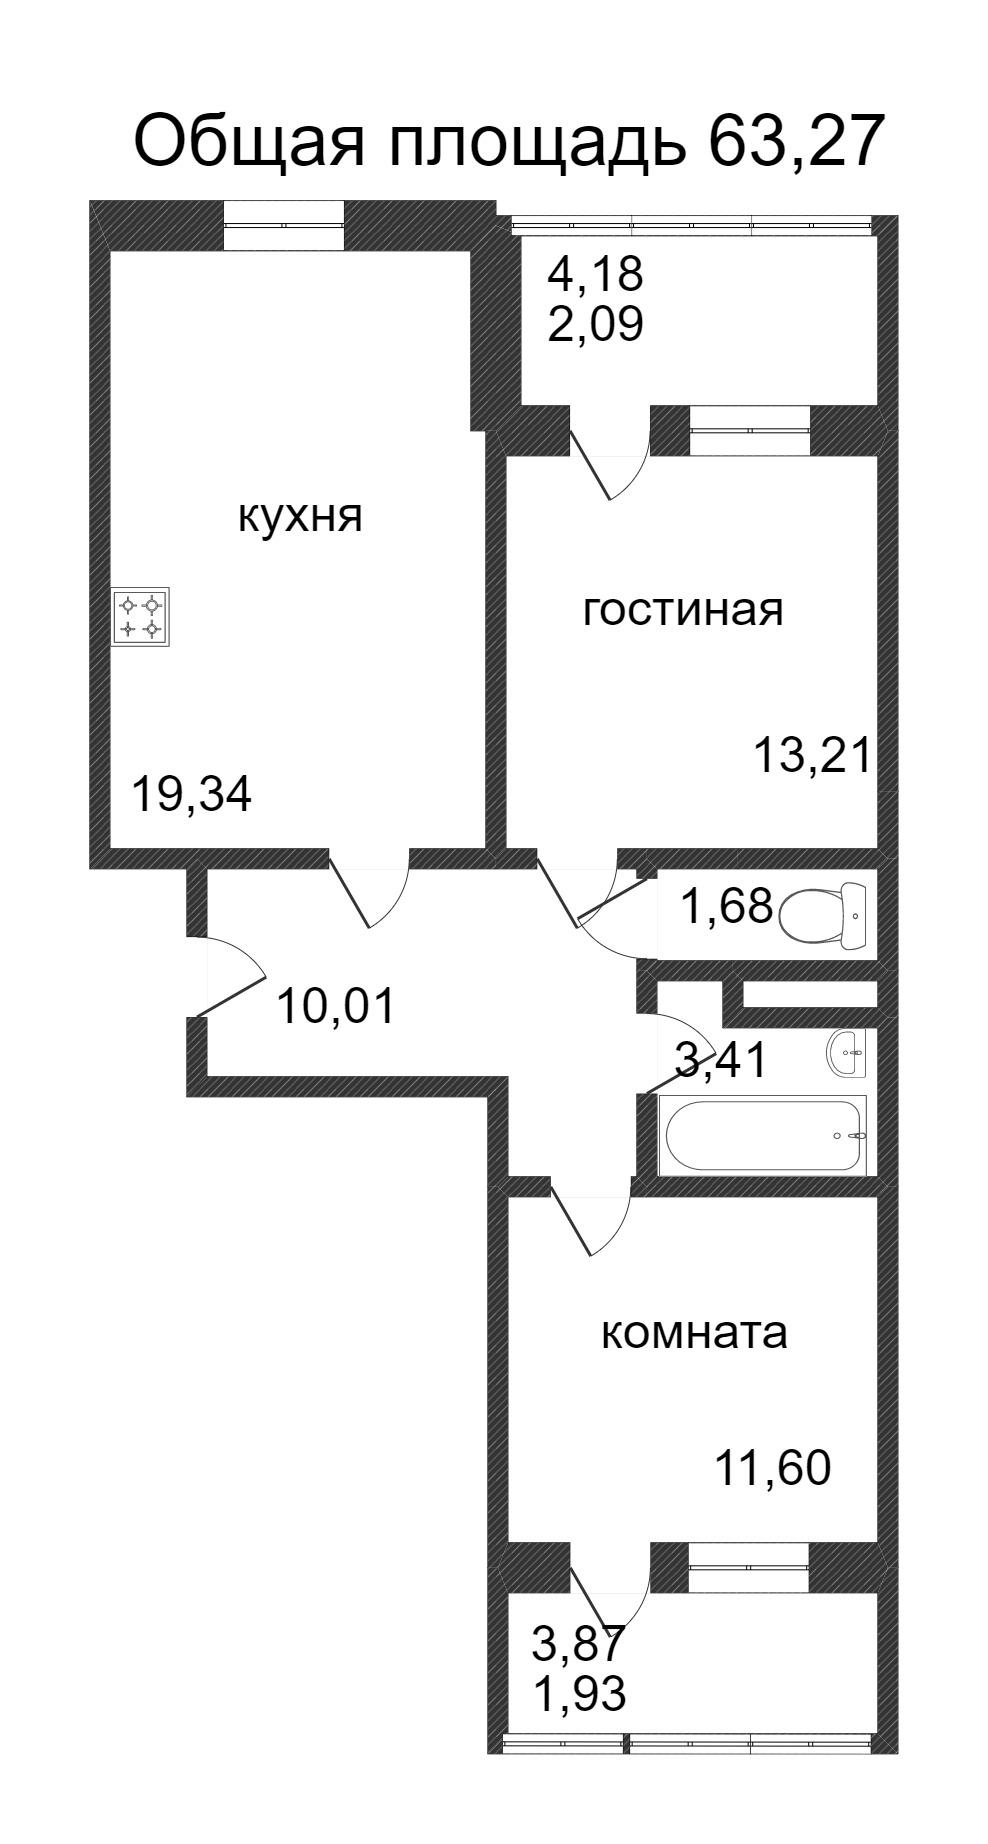 Объявление. г. Сургут, 2-комн.кв. 63.27кв.м, Ивана Захарова. Фото 3